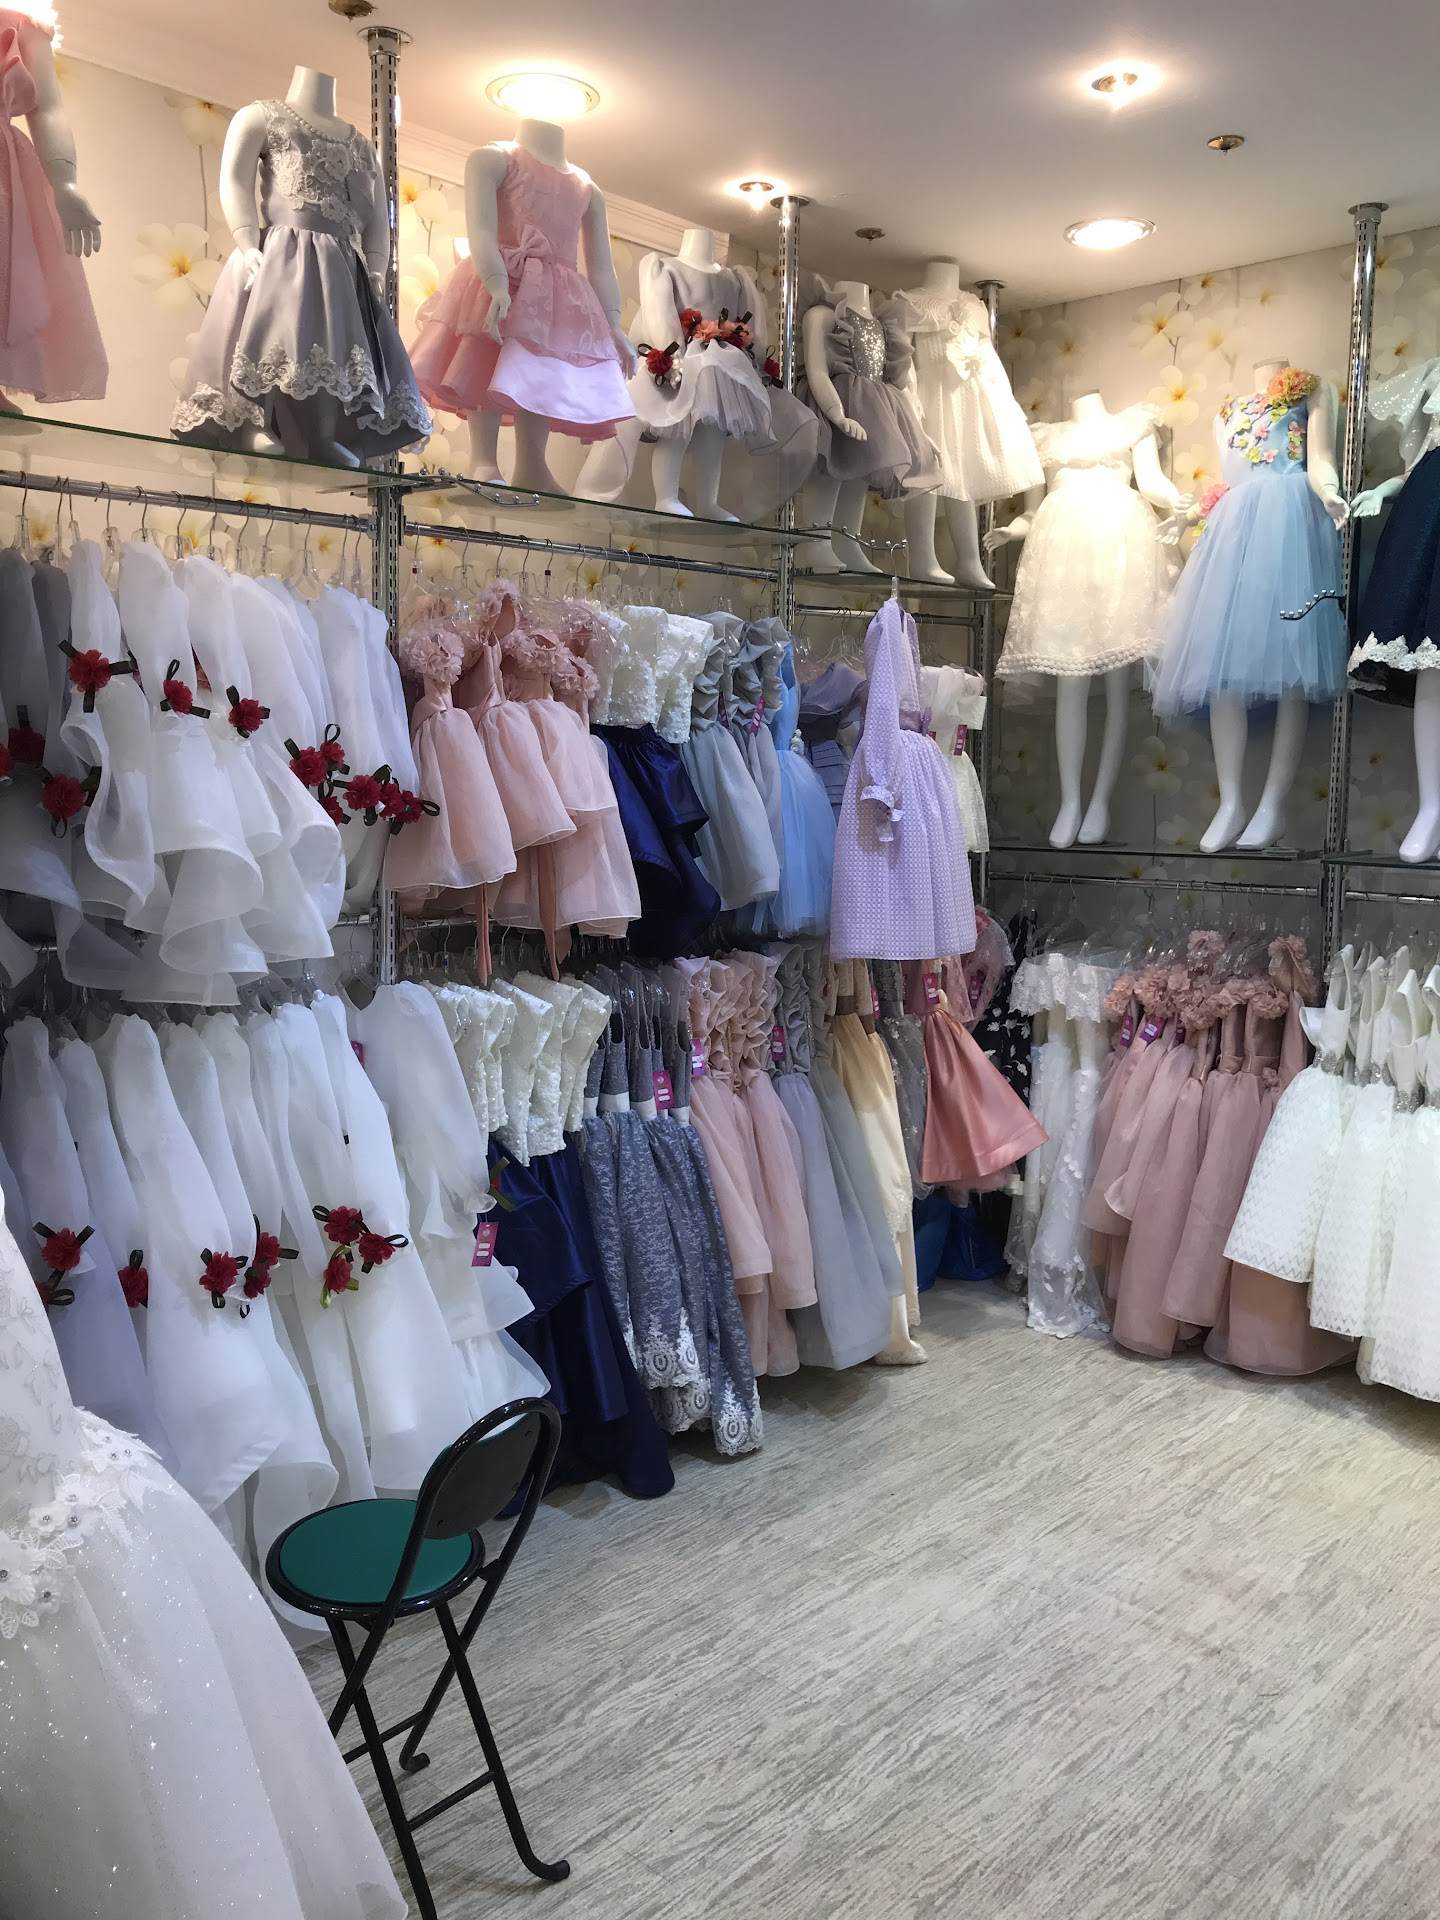 Amasi, kids' dresses - متجر ملابس أطفال في جدة